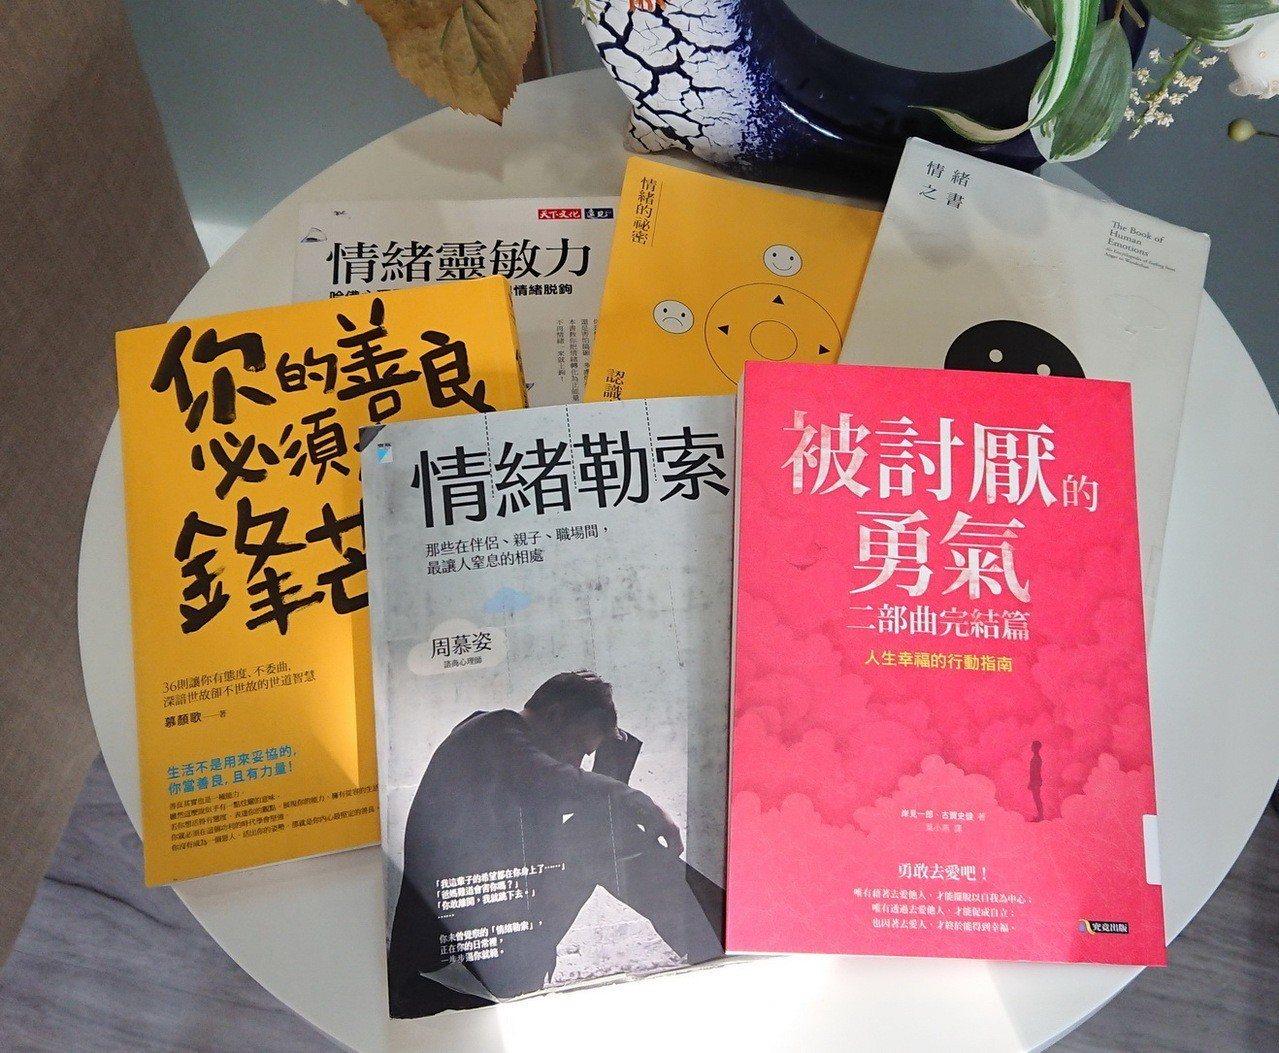 國家圖書館的出版趨勢報告指出,小型出版社已成台灣出版主力。圖/國家圖書館提供